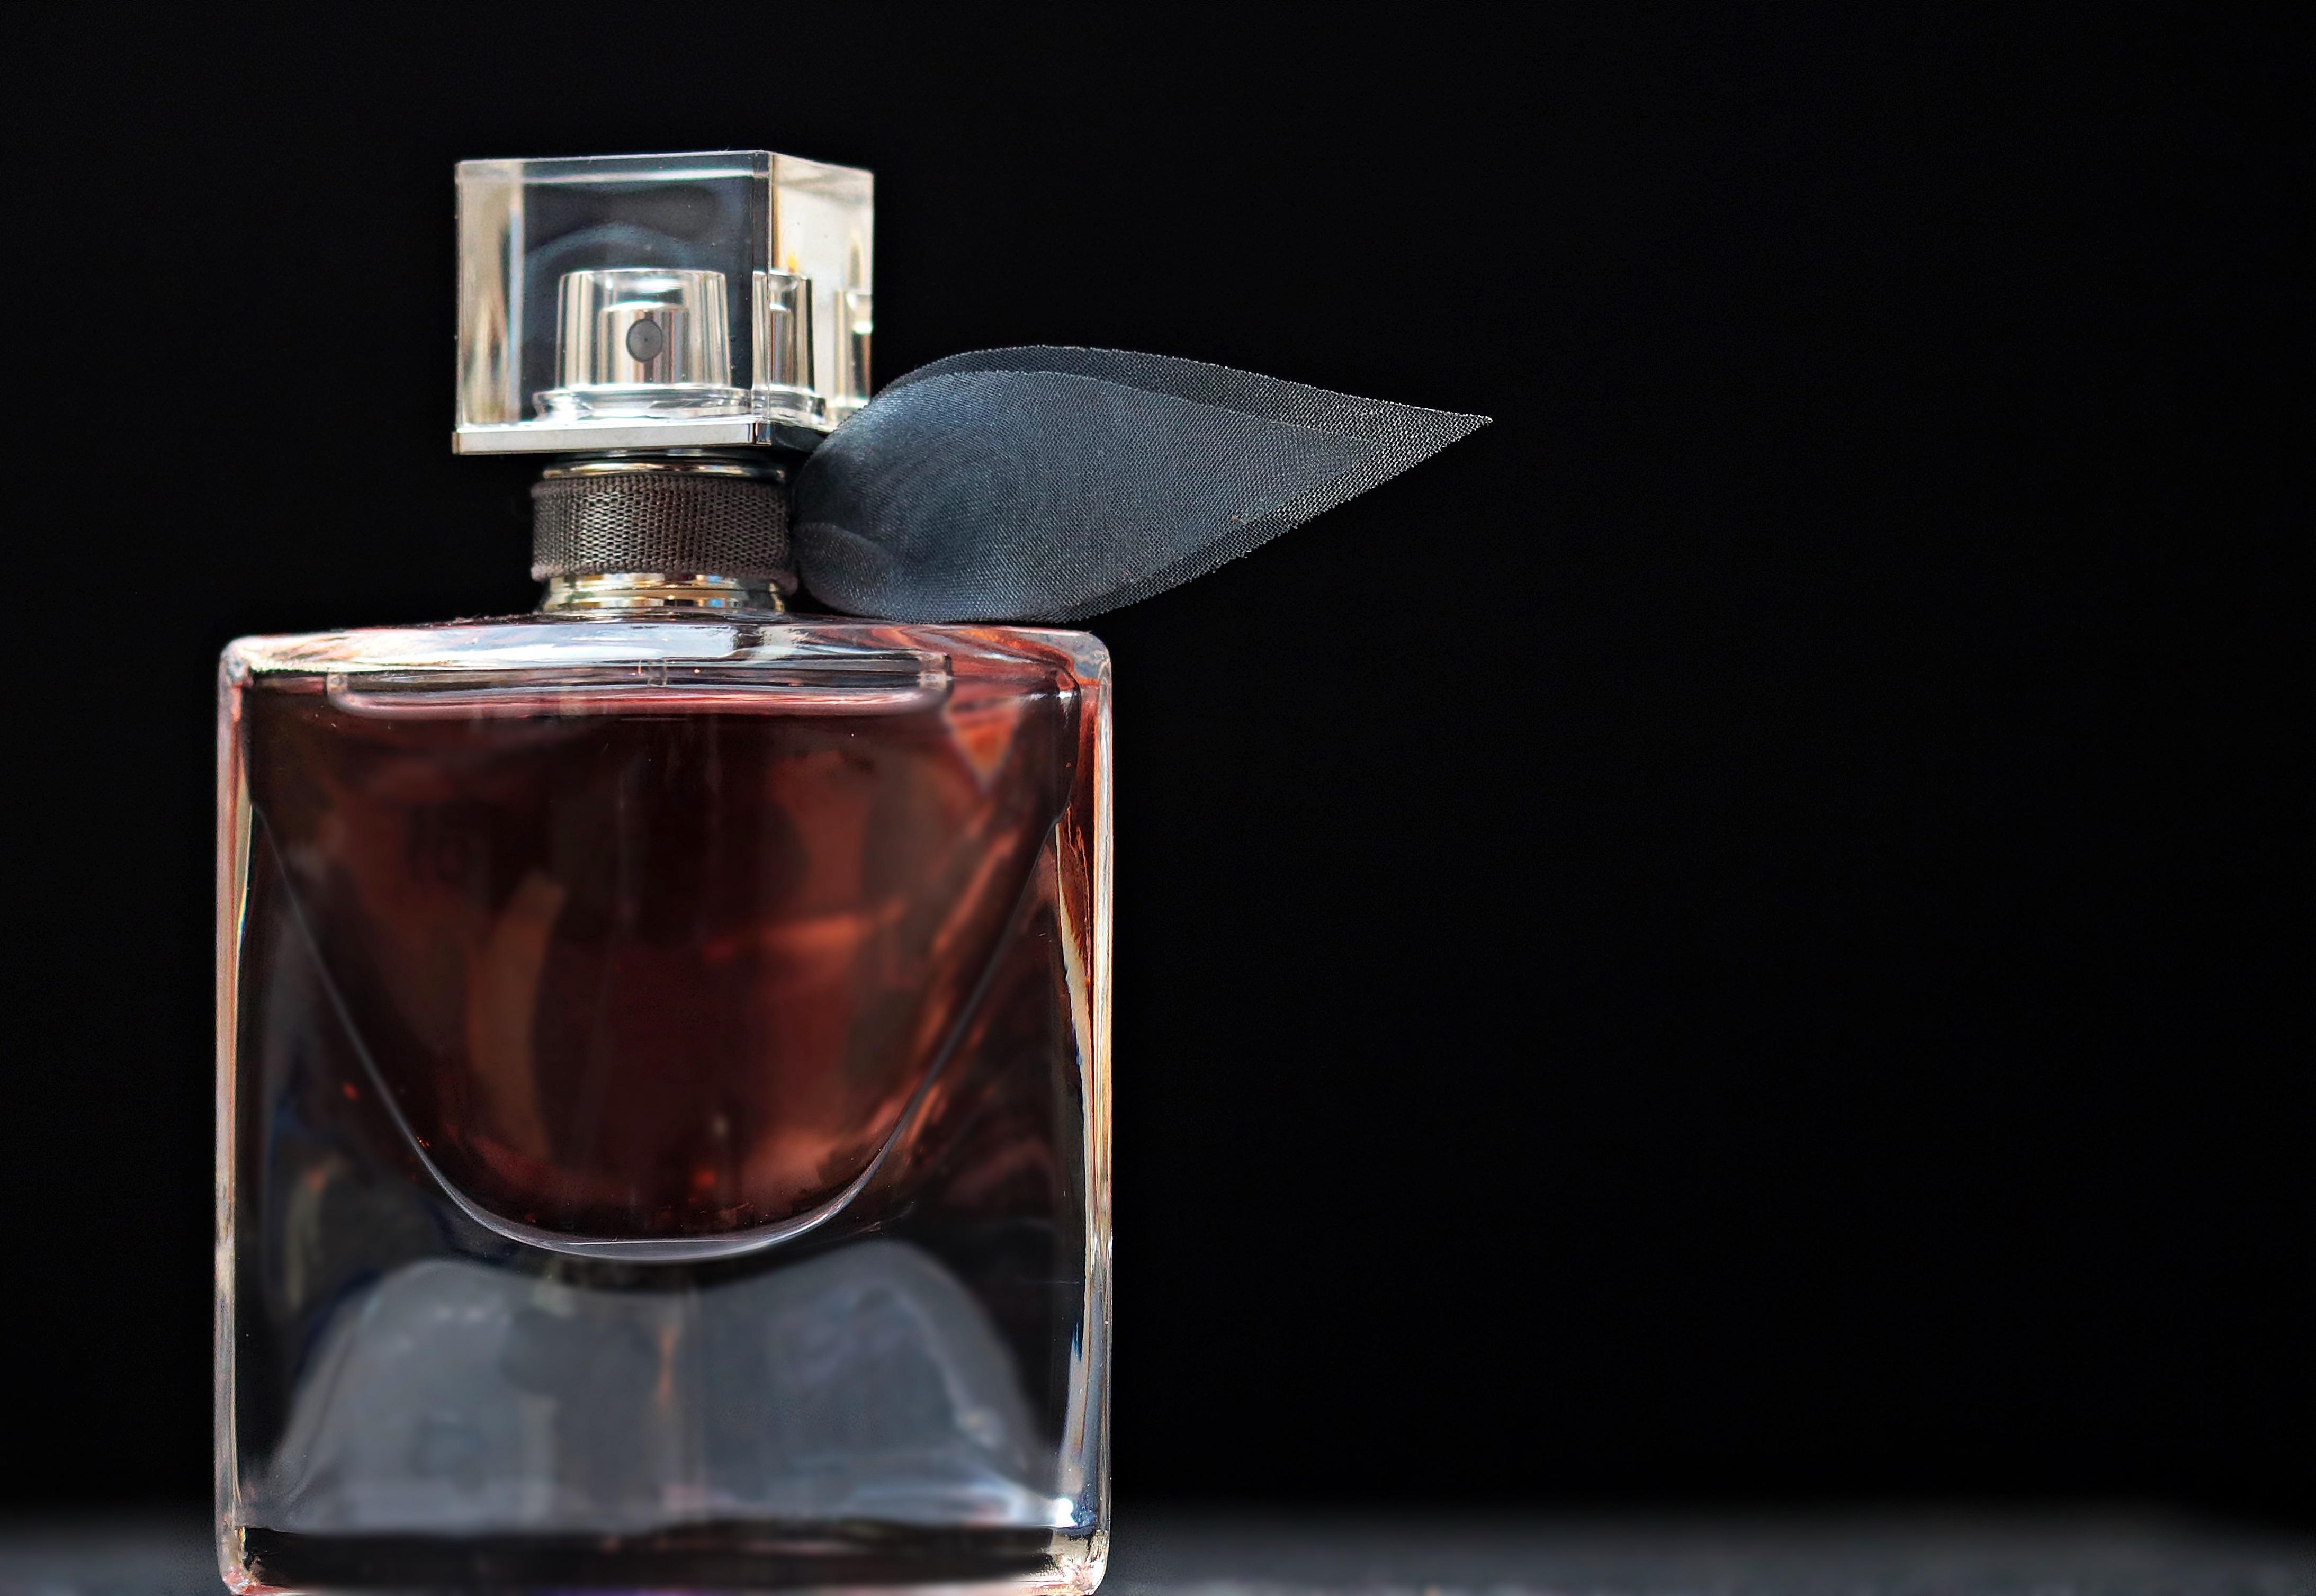 Assez Images Gratuites : rose, nature morte, bouteille en verre, parfumé  DV98